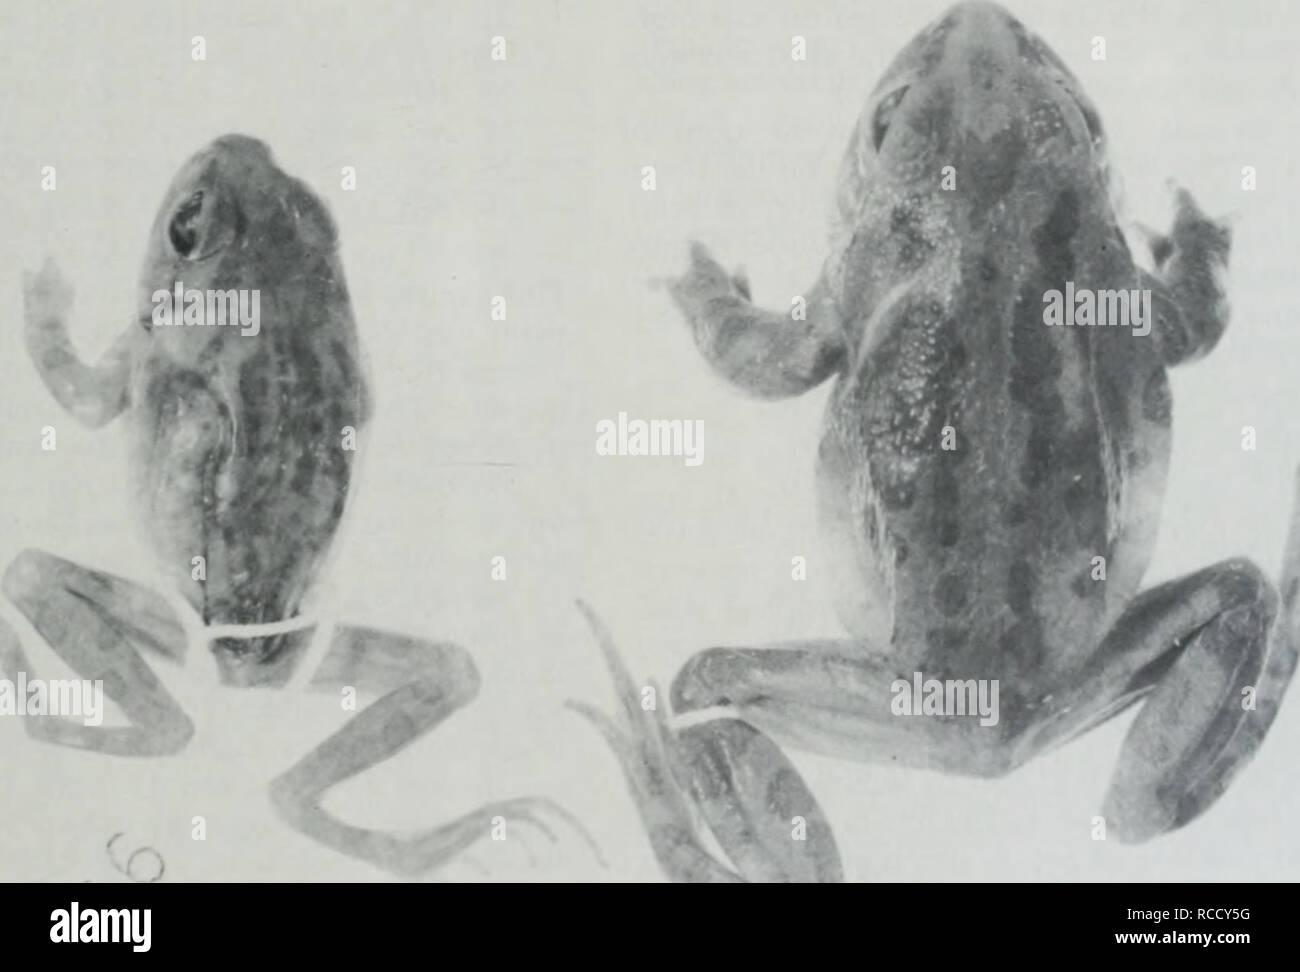 """. Distribución, hábitat, y llamando a la temporada del Coro de Illinois (Pseudacris streckeri rana illinoensis) a lo largo del bajo Río de Illinois. Las ranas. De septiembre de 1988 Brown y Rose: Illinois Rana Chorus (Pstudacns strecken Pseudacris streckeri illinoensis illinoensis). Tenemos la sospecha de que el centro de operaciones de la estación de rescate fue ubicada en el extremo sur del lago en el lado oriental, ya que el 1928 Meredosia quadrangle mapa muestra un número de edificios en esa zona. Weed (1923) observó que el espécimen que coleccionaba (Figura 2) tenía un """"corto, grueso, cuerpo"""", y se refirió a la Foto de stock"""